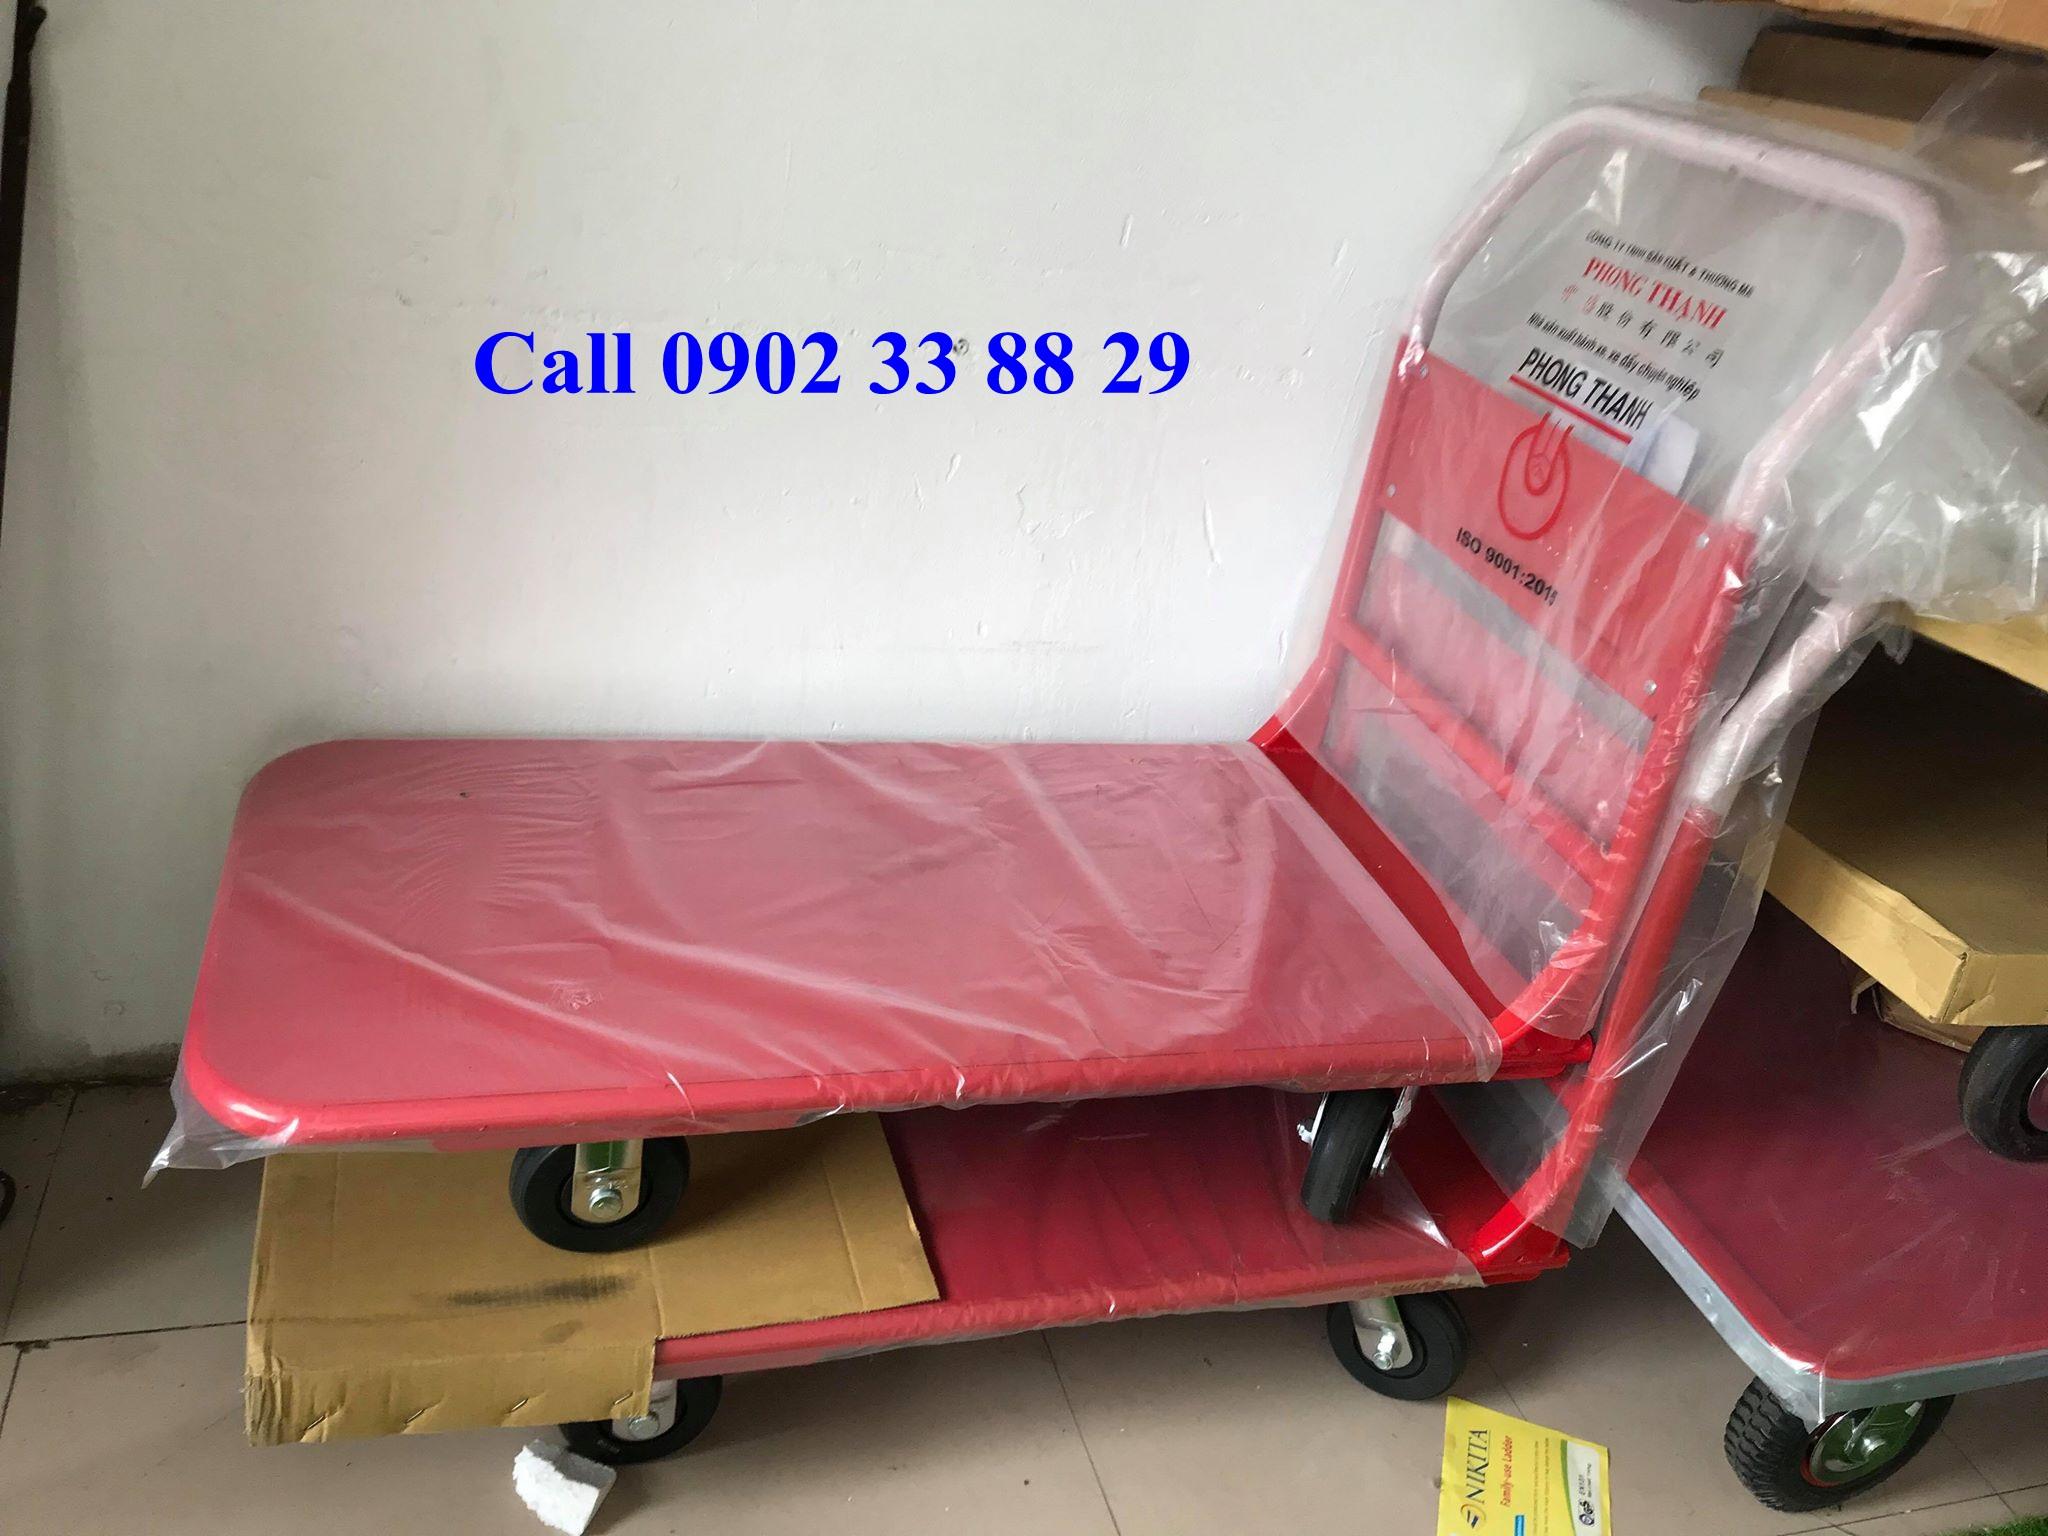 xe đẩy hàng phong thạnh giá rẻ tphcm